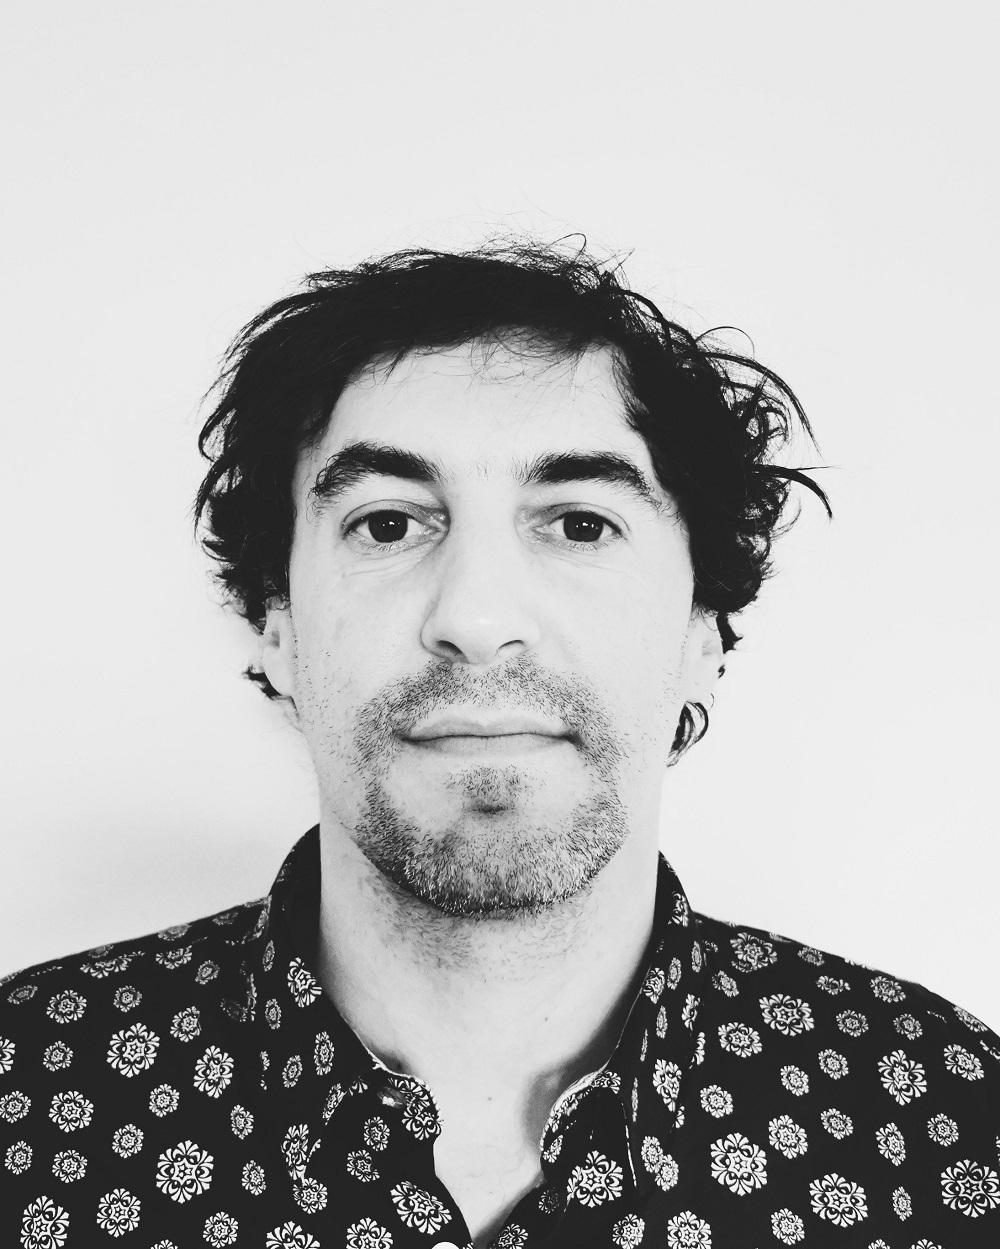 Maxime Vignaud